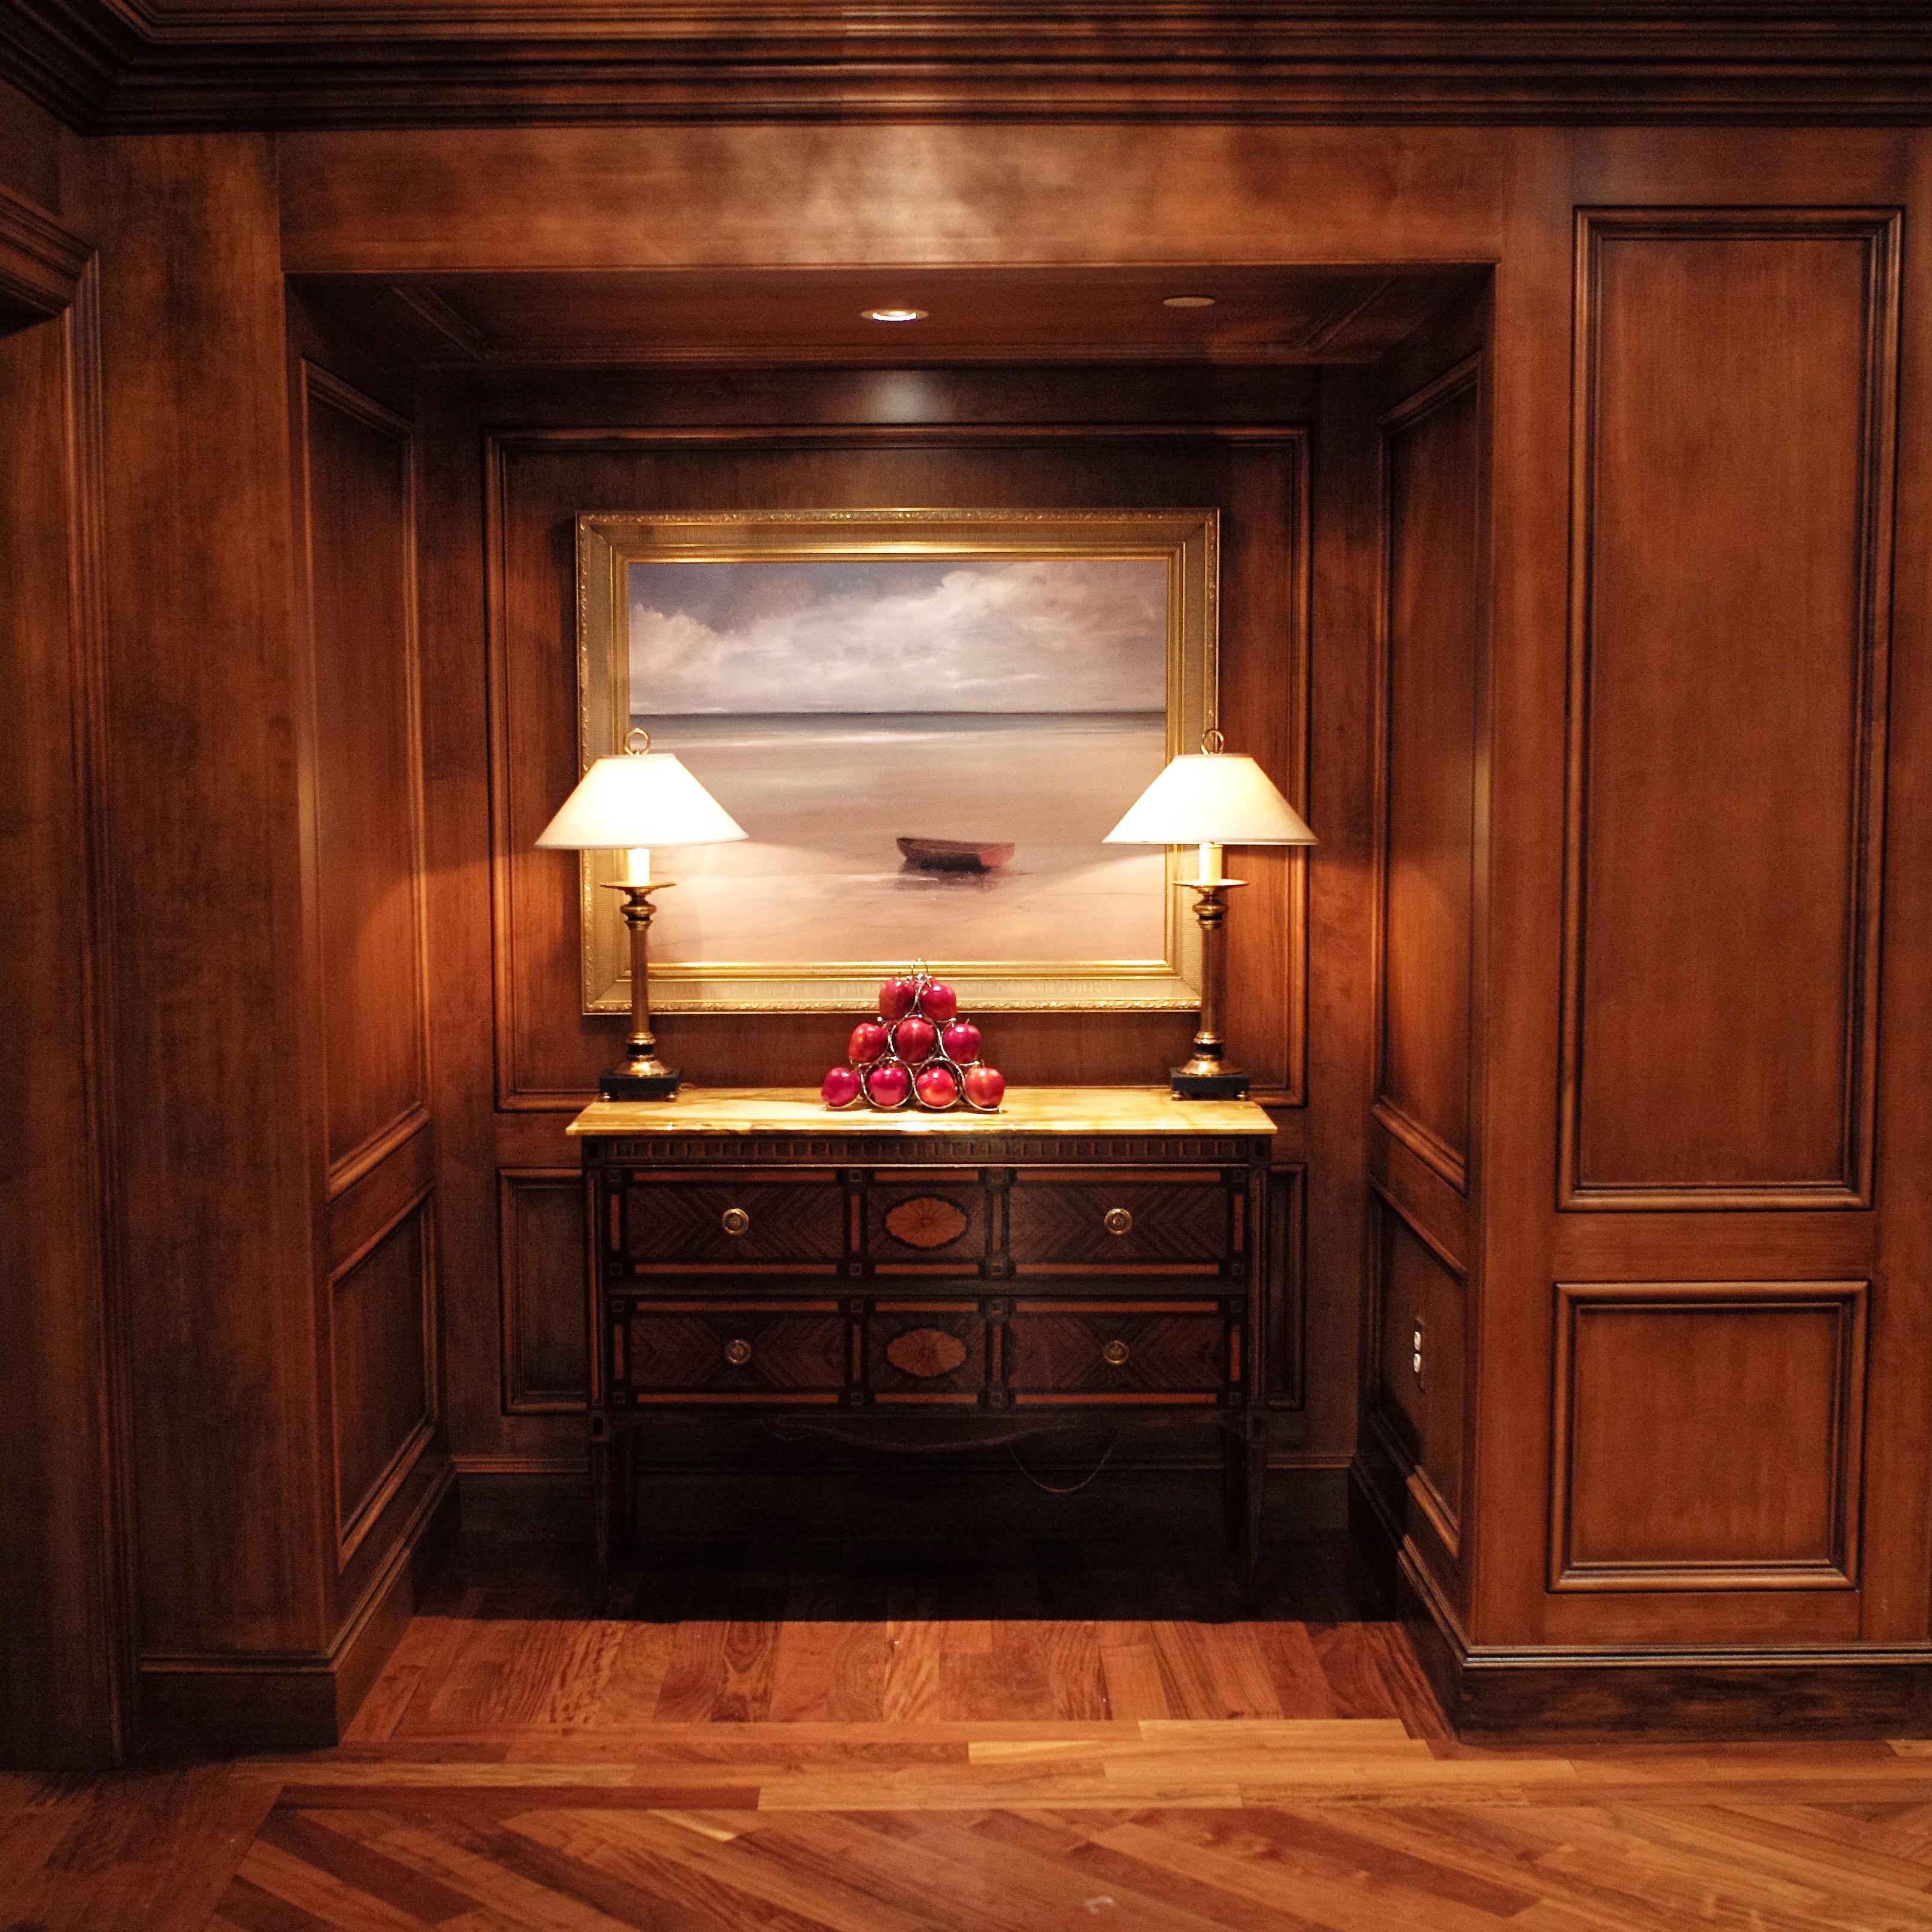 Fotos Gratis Piso Interior Casa Verano Caba A Plaza  # Muebles Fairmont